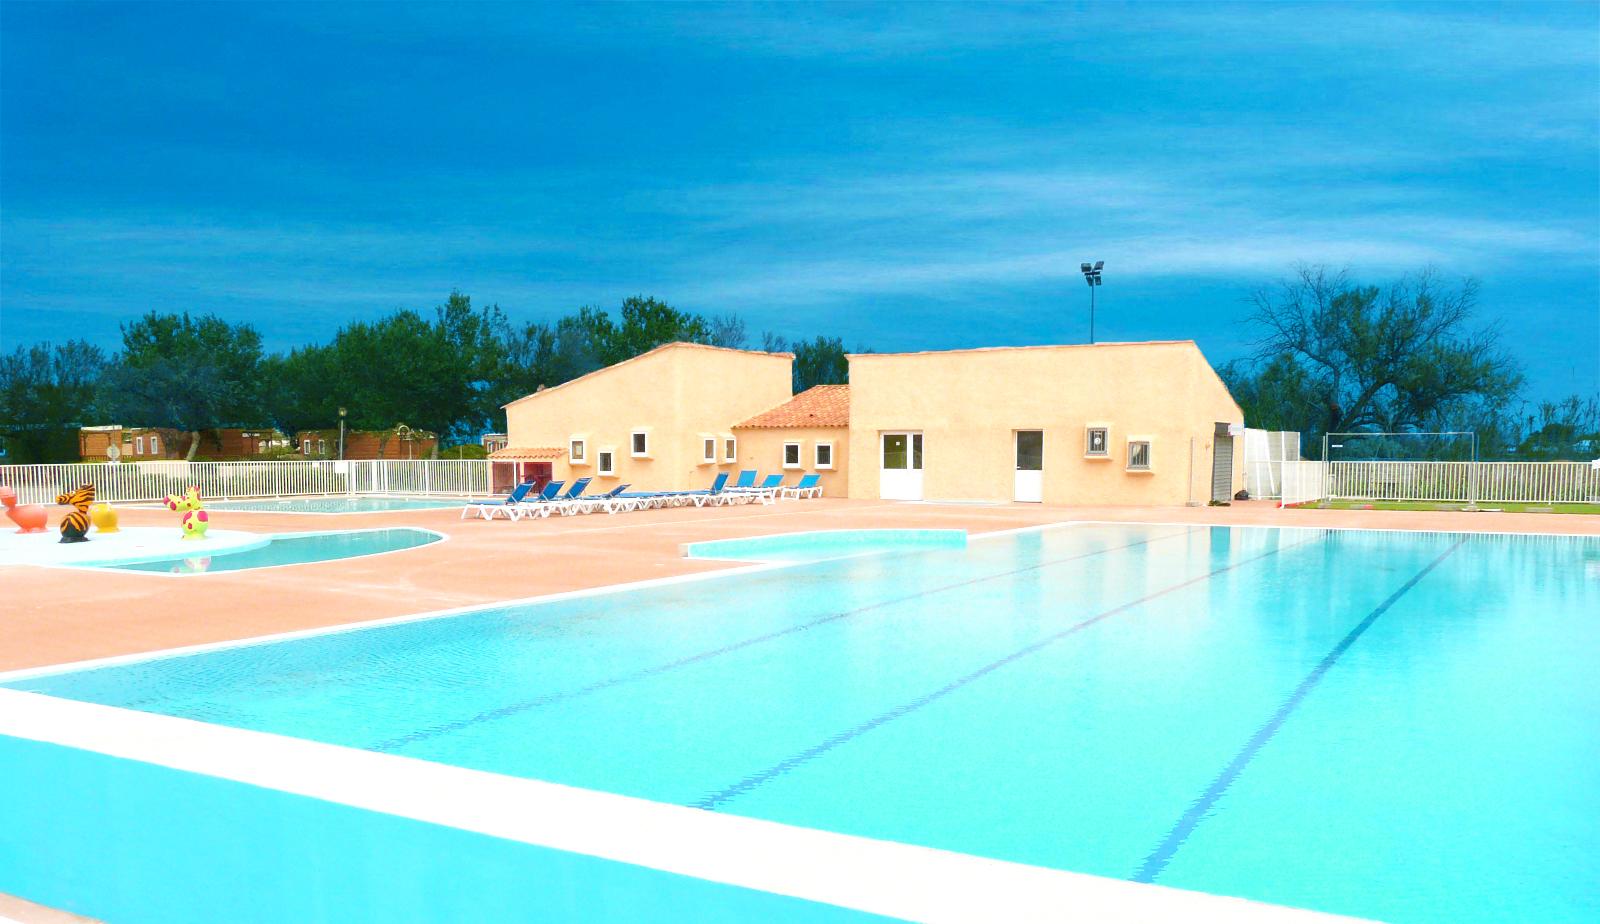 D co piscine grissan nanterre 3826 piscine keller cours piscine toulouse papus piscine - Piscine grissan ...